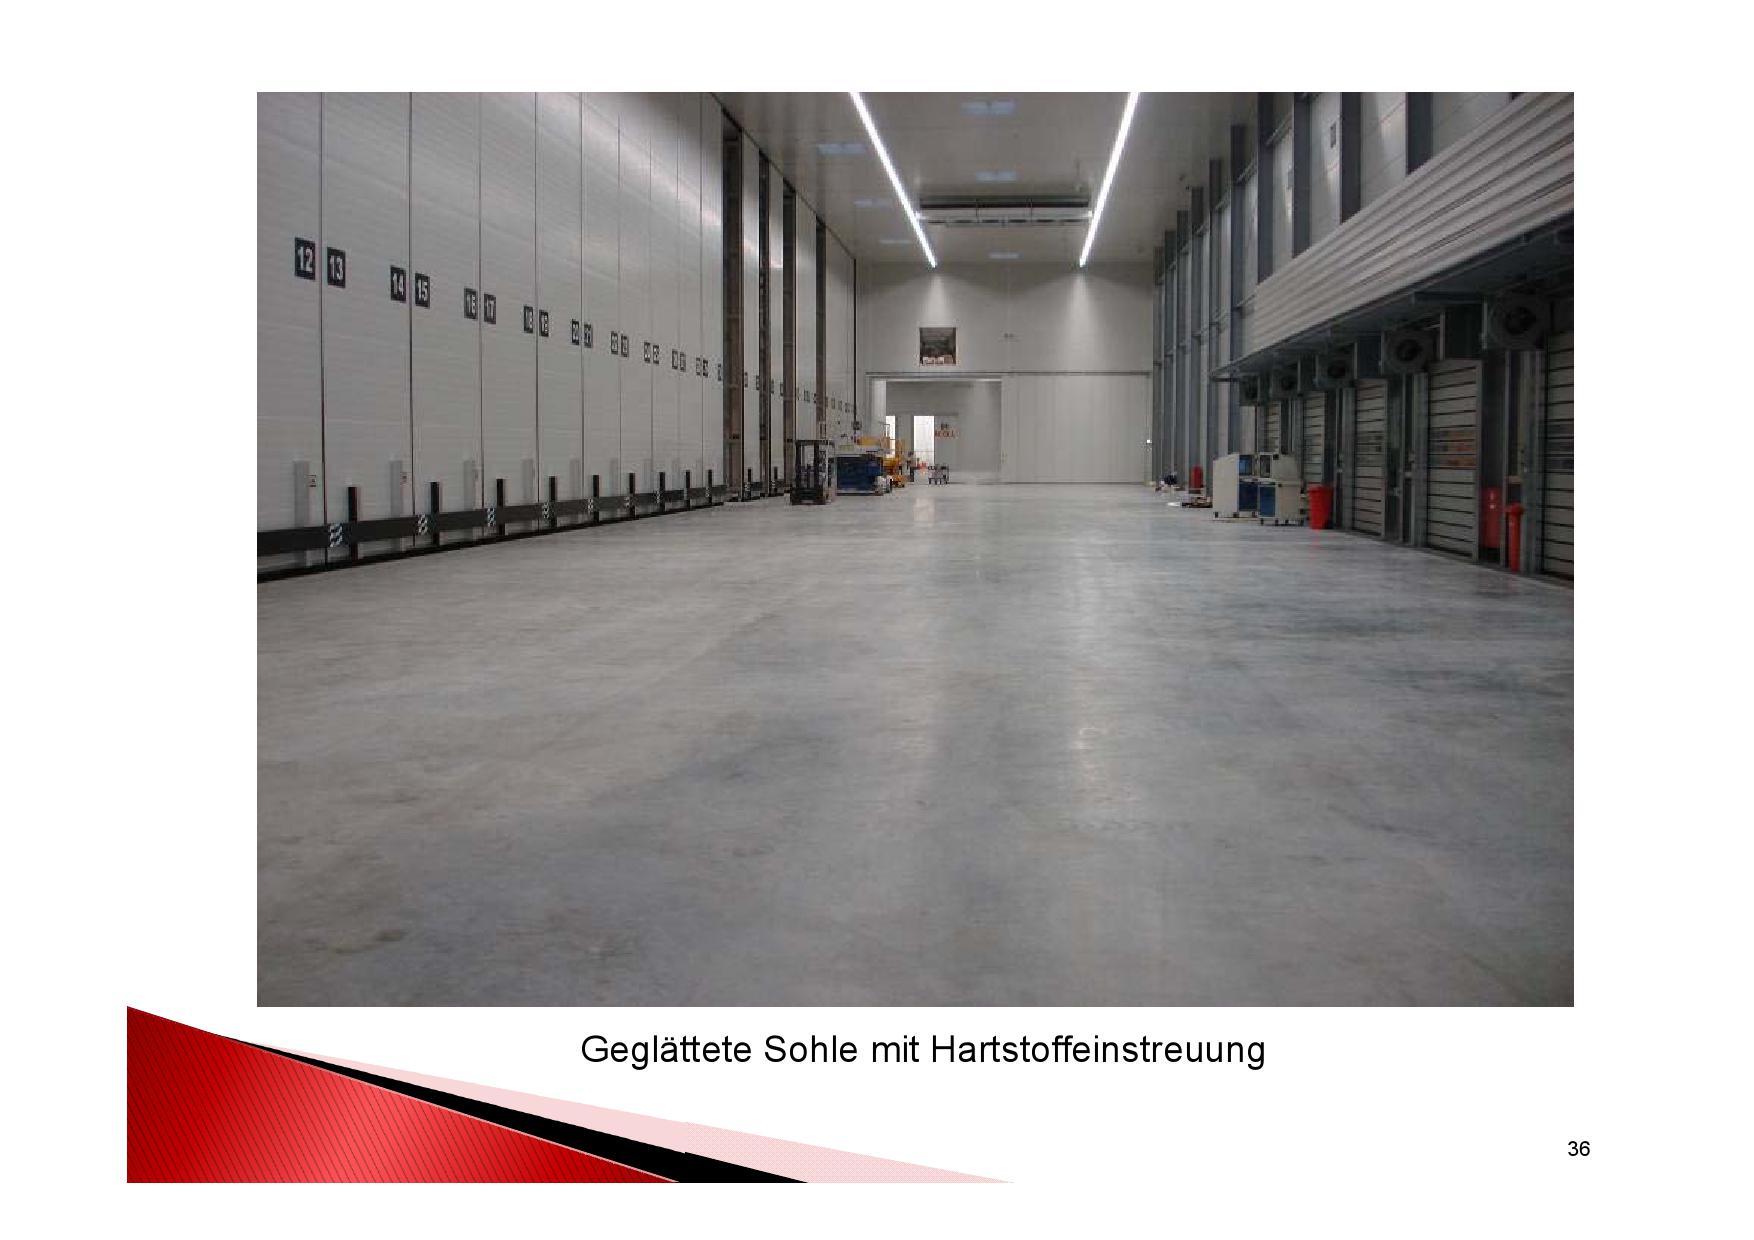 Industrieboden Herstellung: Geglättete Sohle mit Hartstoffeinstreuung